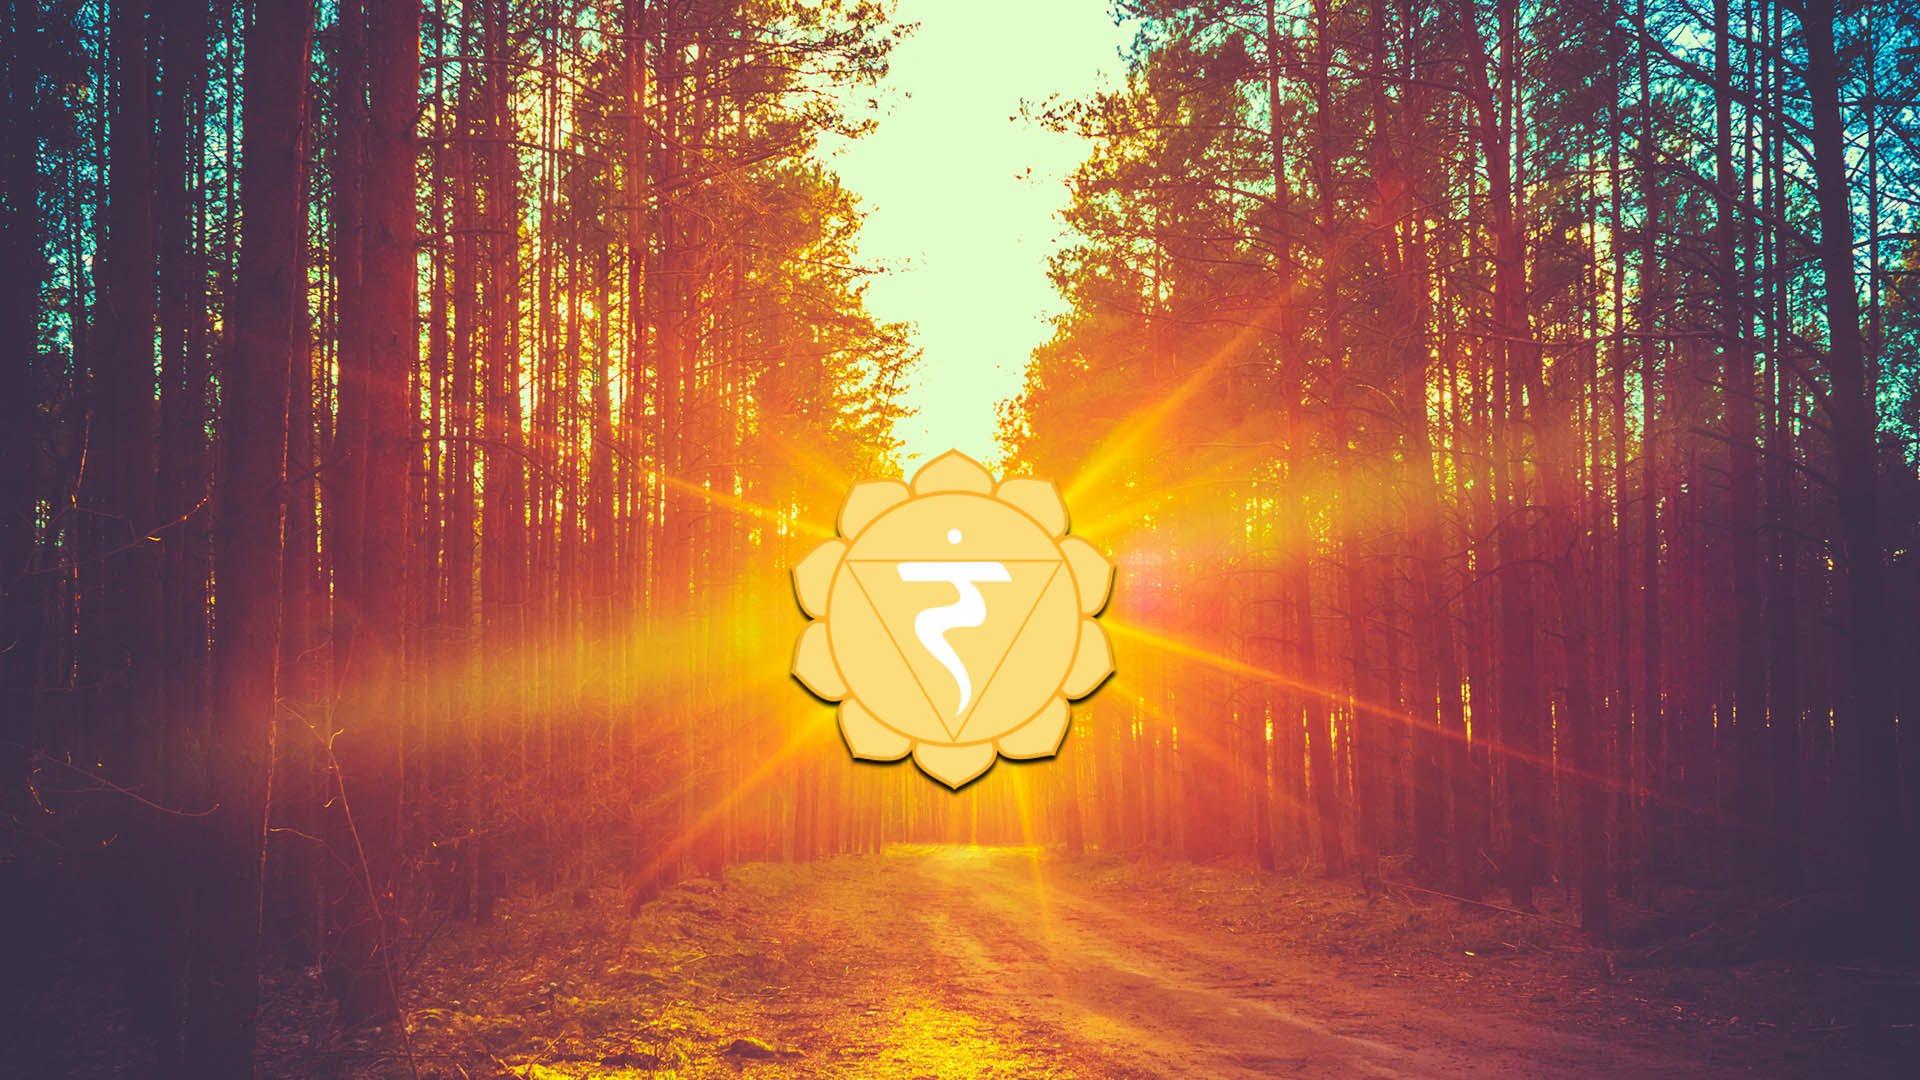 Image from www.kundaliniyogamsterdam.com